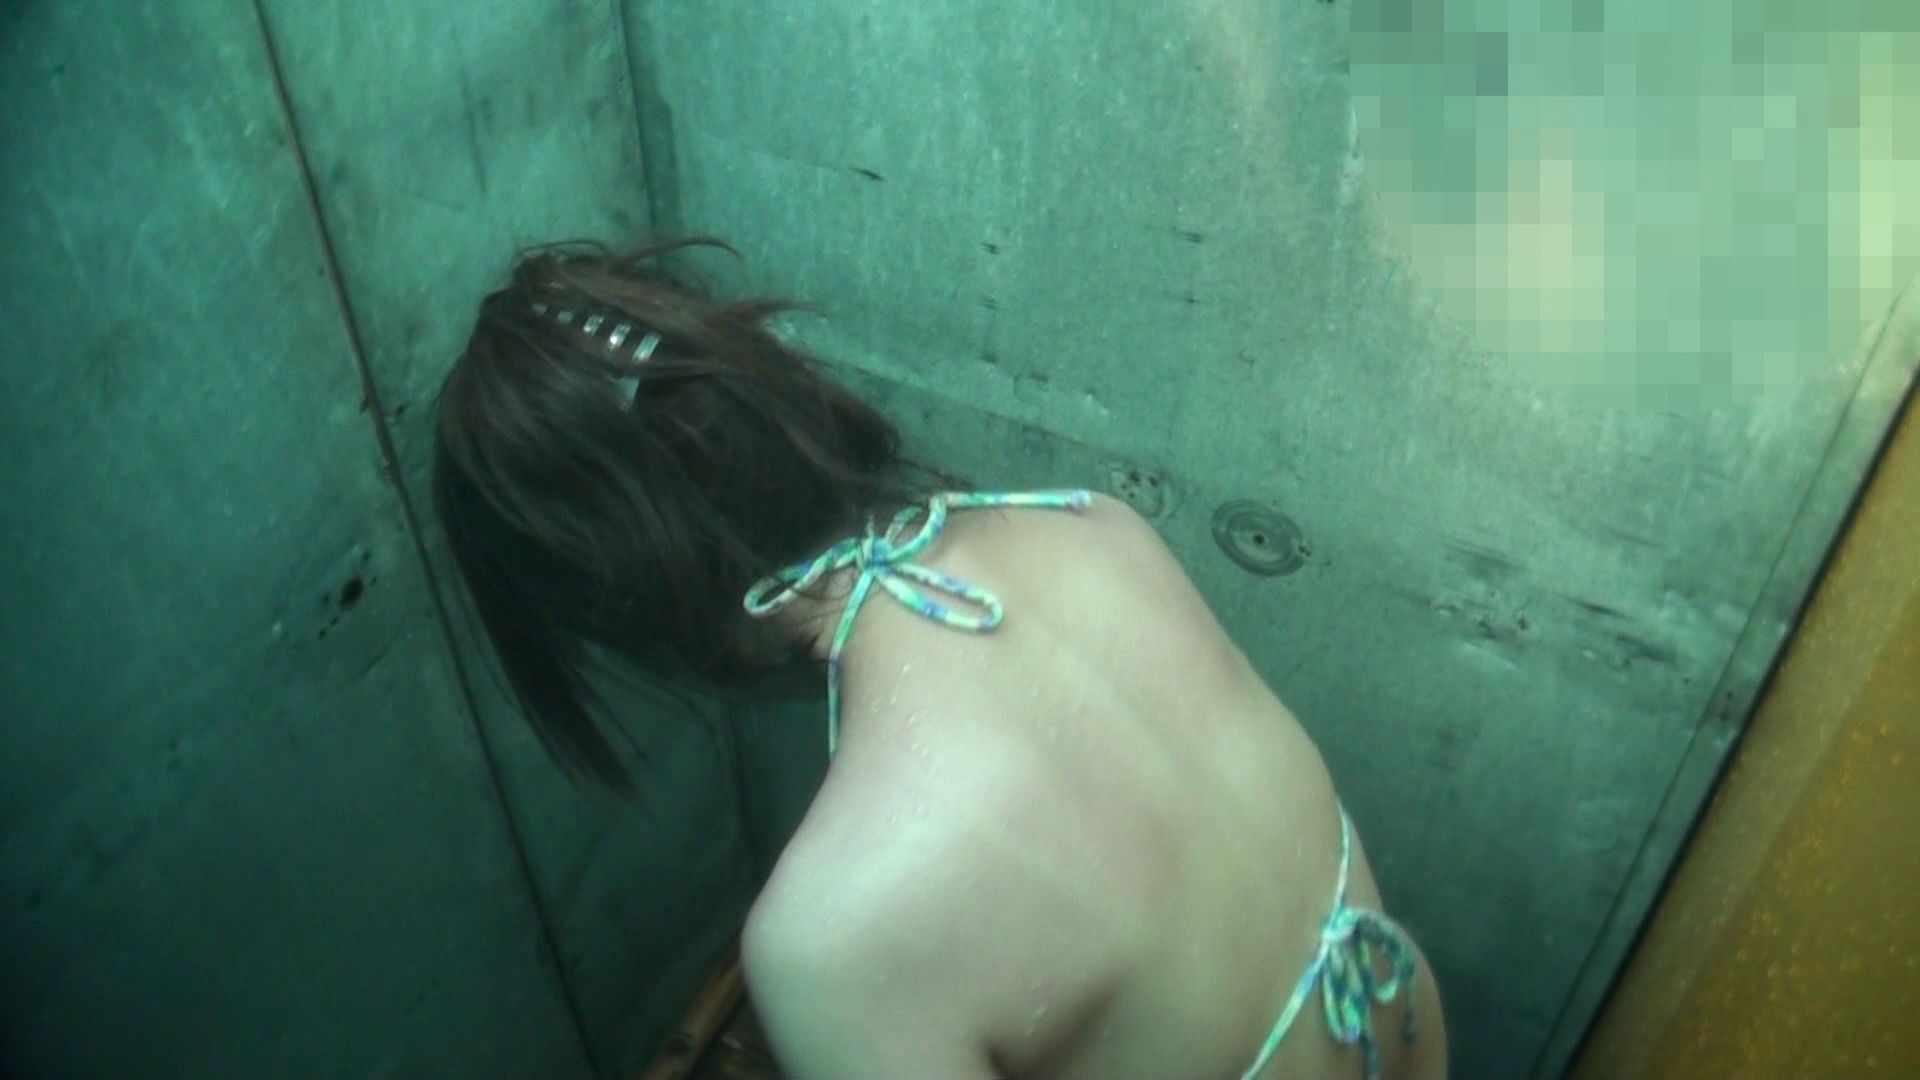 シャワールームは超!!危険な香りVol.15 残念ですが乳首未確認 マンコの砂は入念に マンコ映像  63連発 20